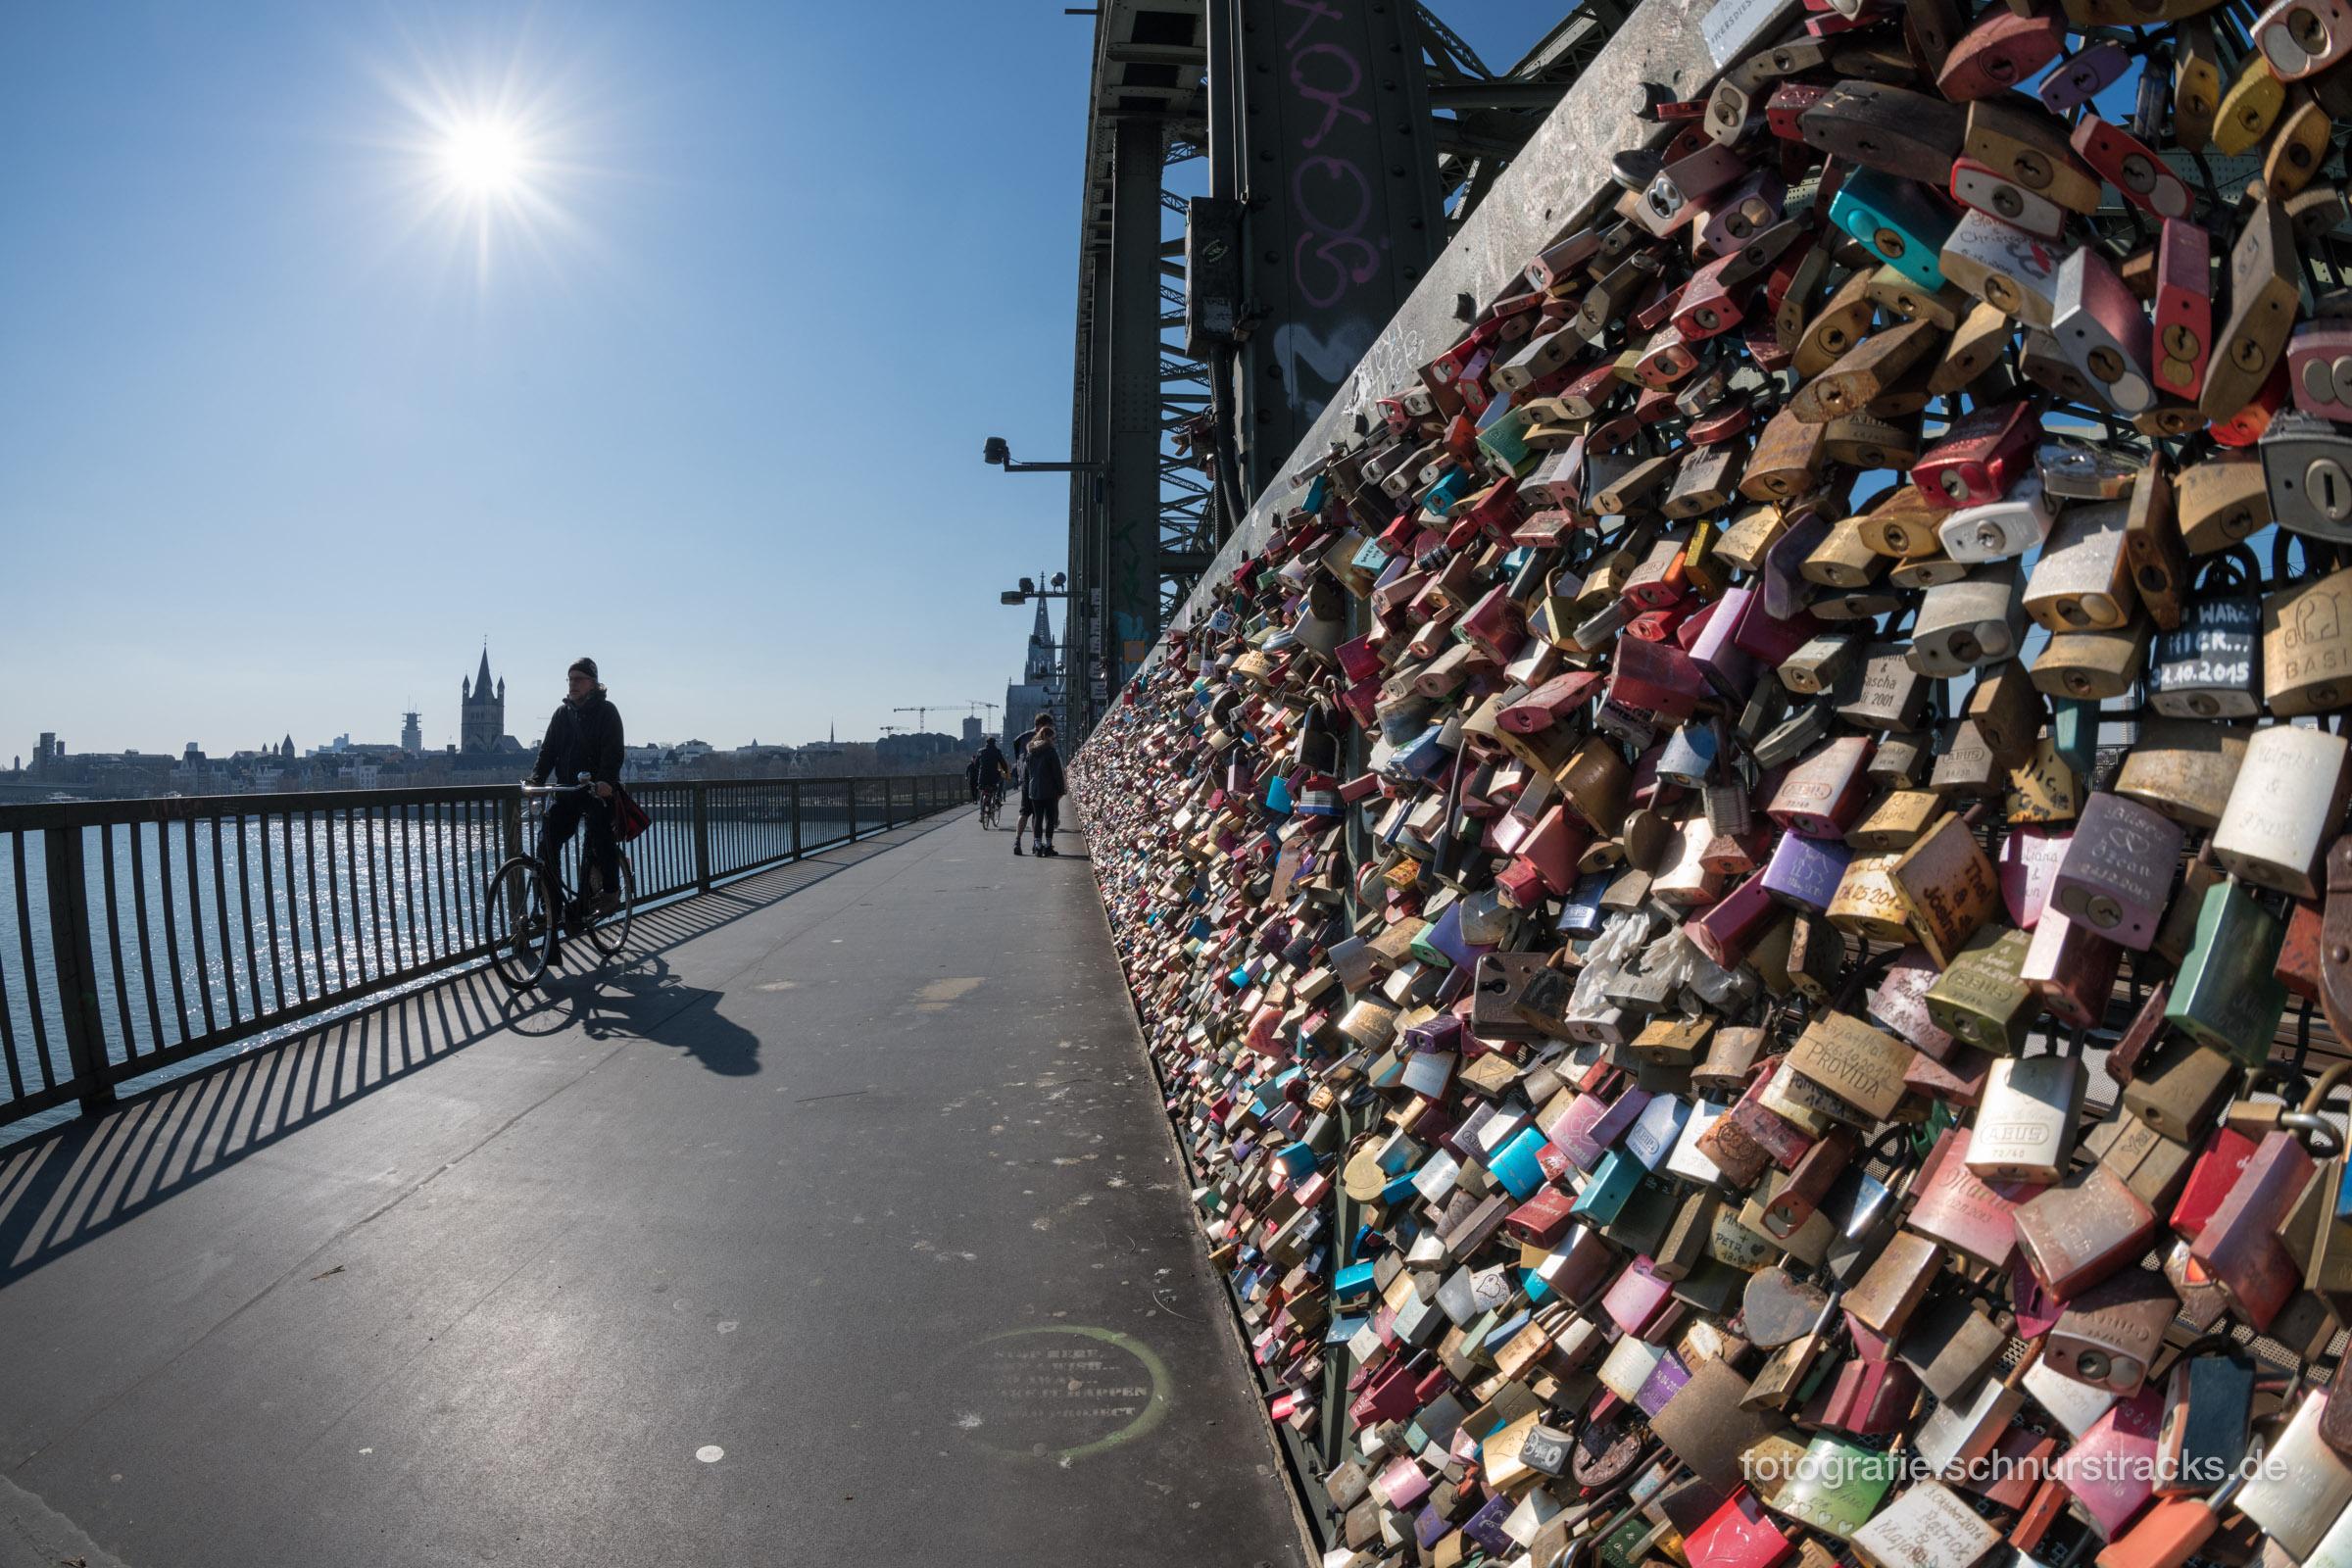 Liebesschlösser Hohenzollernbrücke Köln